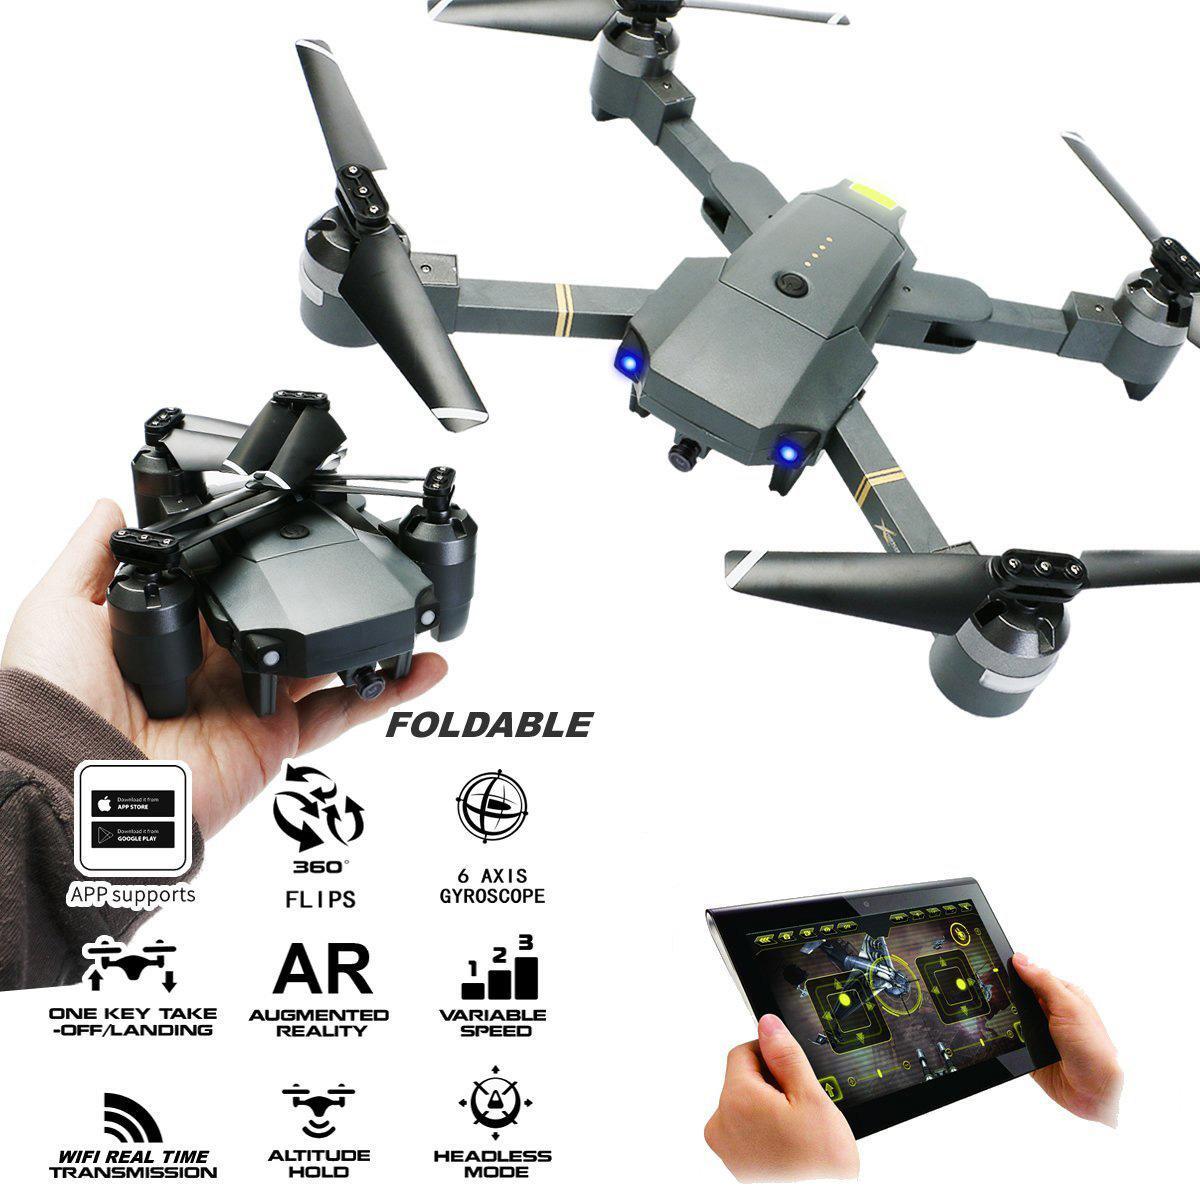 ⭐Flycam Visua Đắt Thì Mua Flycam Này Máy May Điều Khiển Từ Xa XT-1 Quay PhimChụp Ảnh Full HD 720P Thiết Kế Nhỏ Gọn Sang Trọng Được Bảo Hành Uy Tín 1